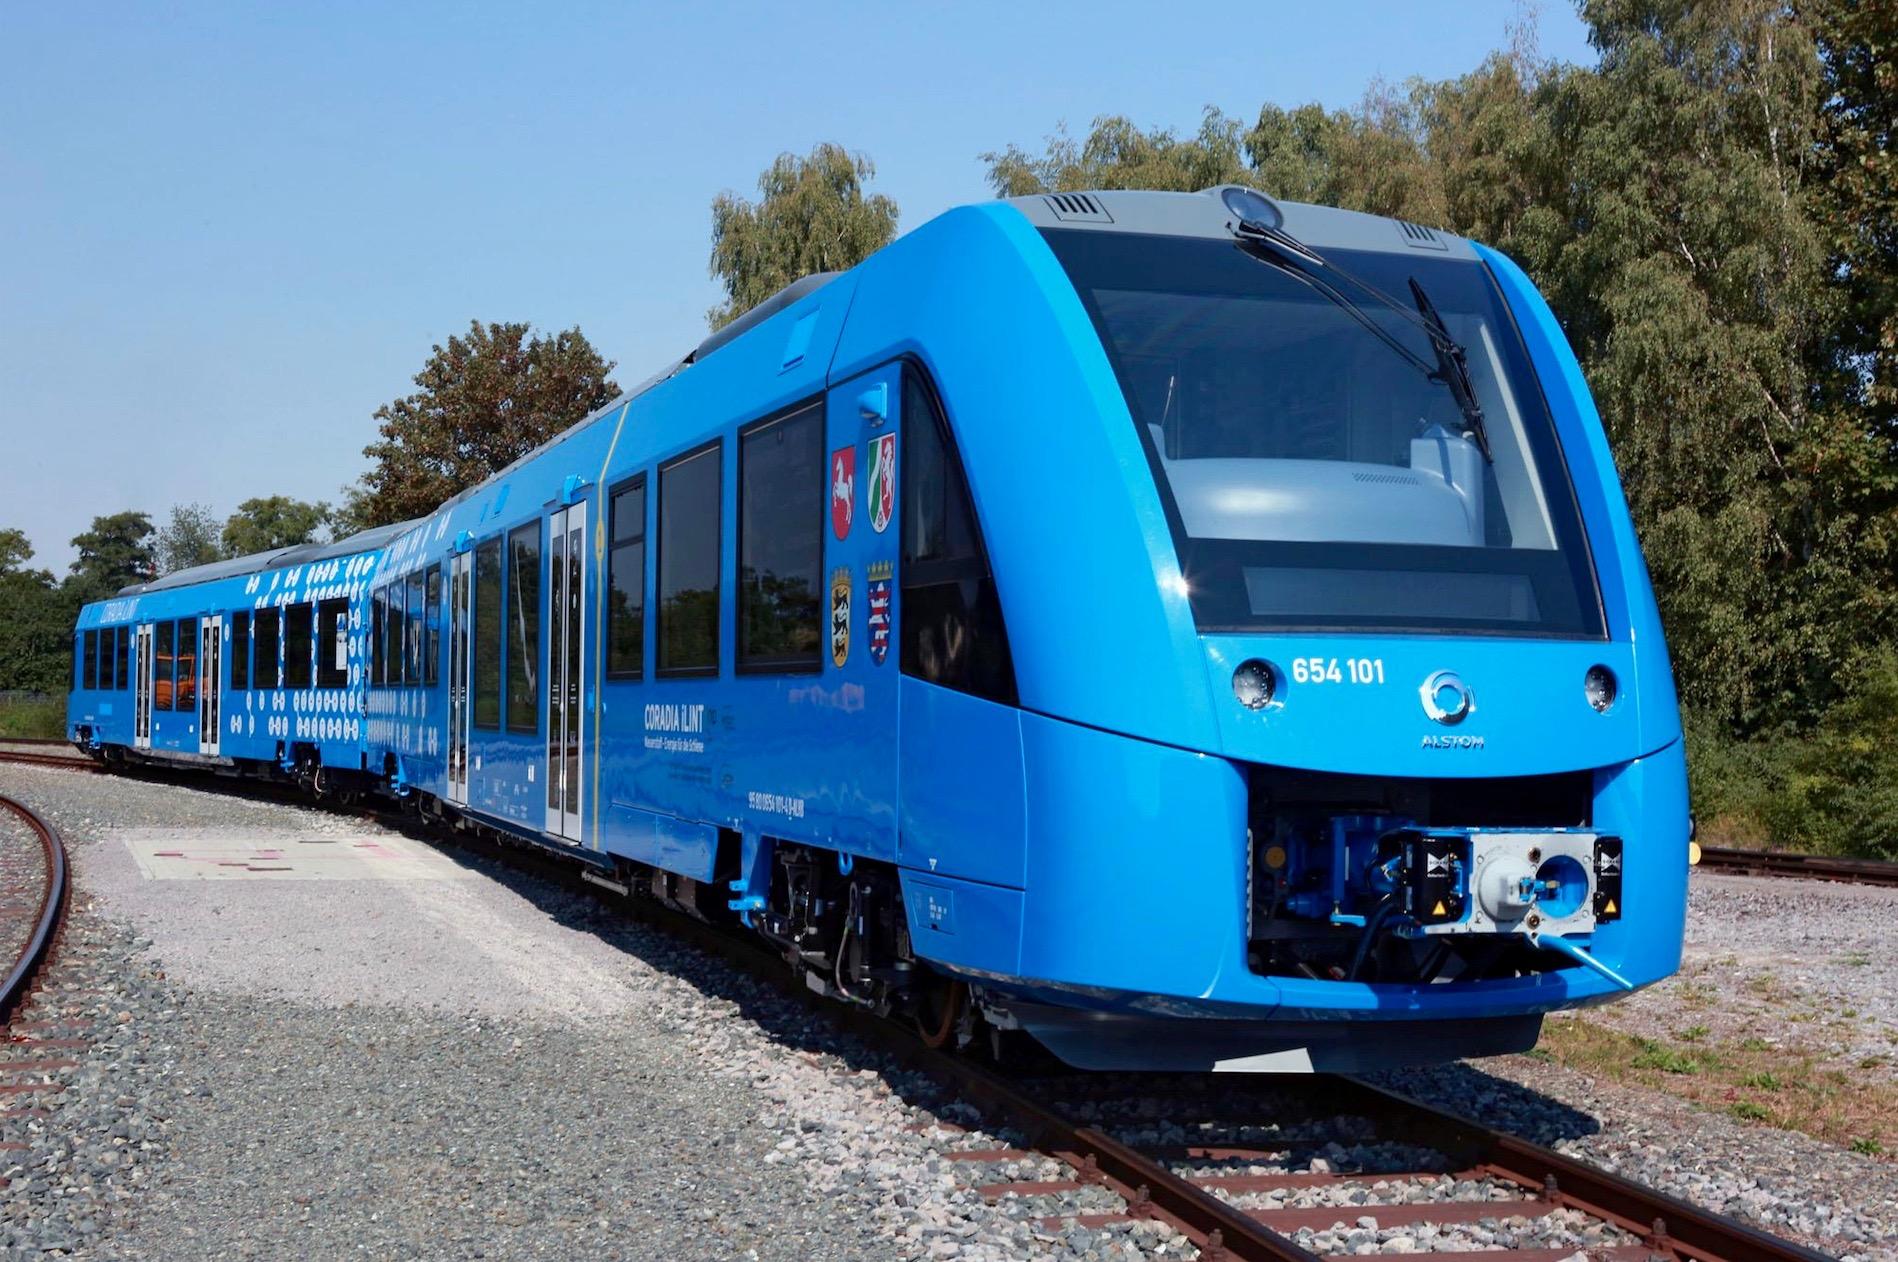 Premio SAPIO – Economia circolare e nuove politiche energetiche: Alstom presenta a Milano iLint, il treno a idrogeno